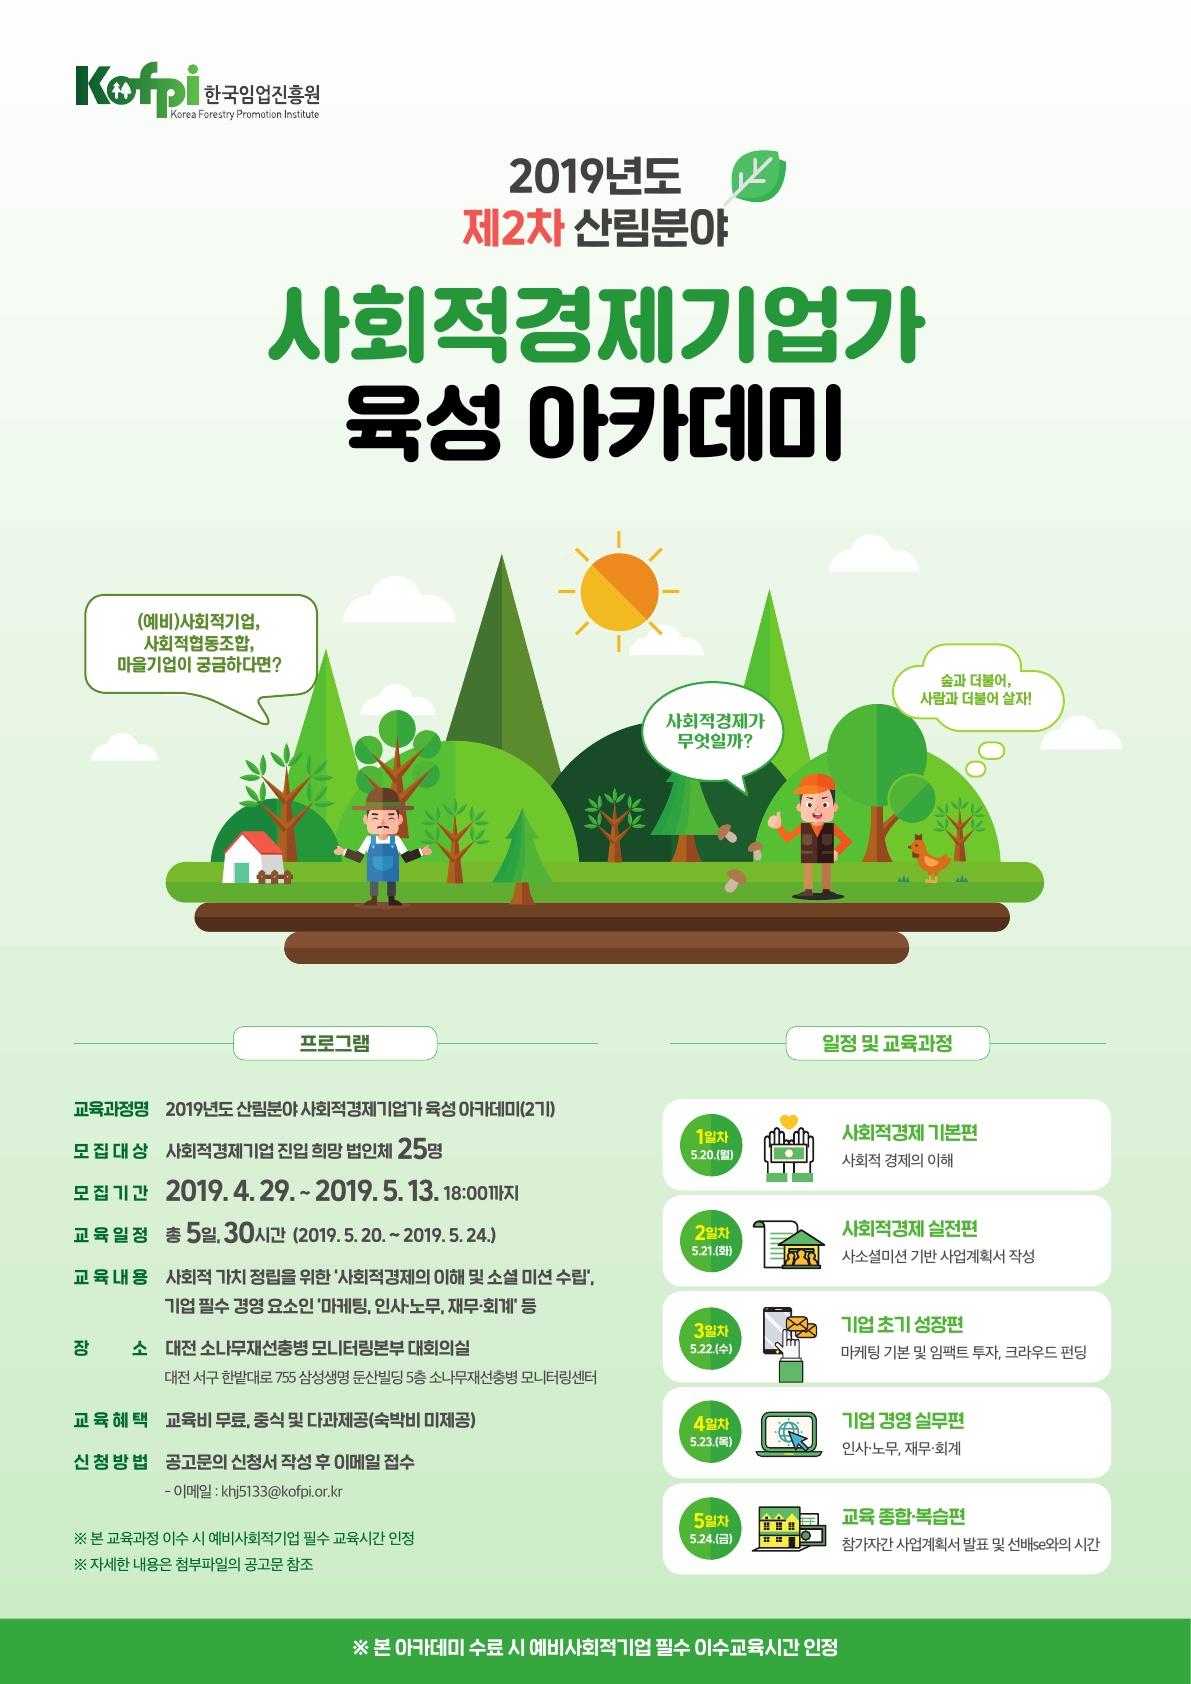 [공지] 한국임업진흥원 | 2019 산림분야 사회적경제기업가 육성 아카데미 모집 공고